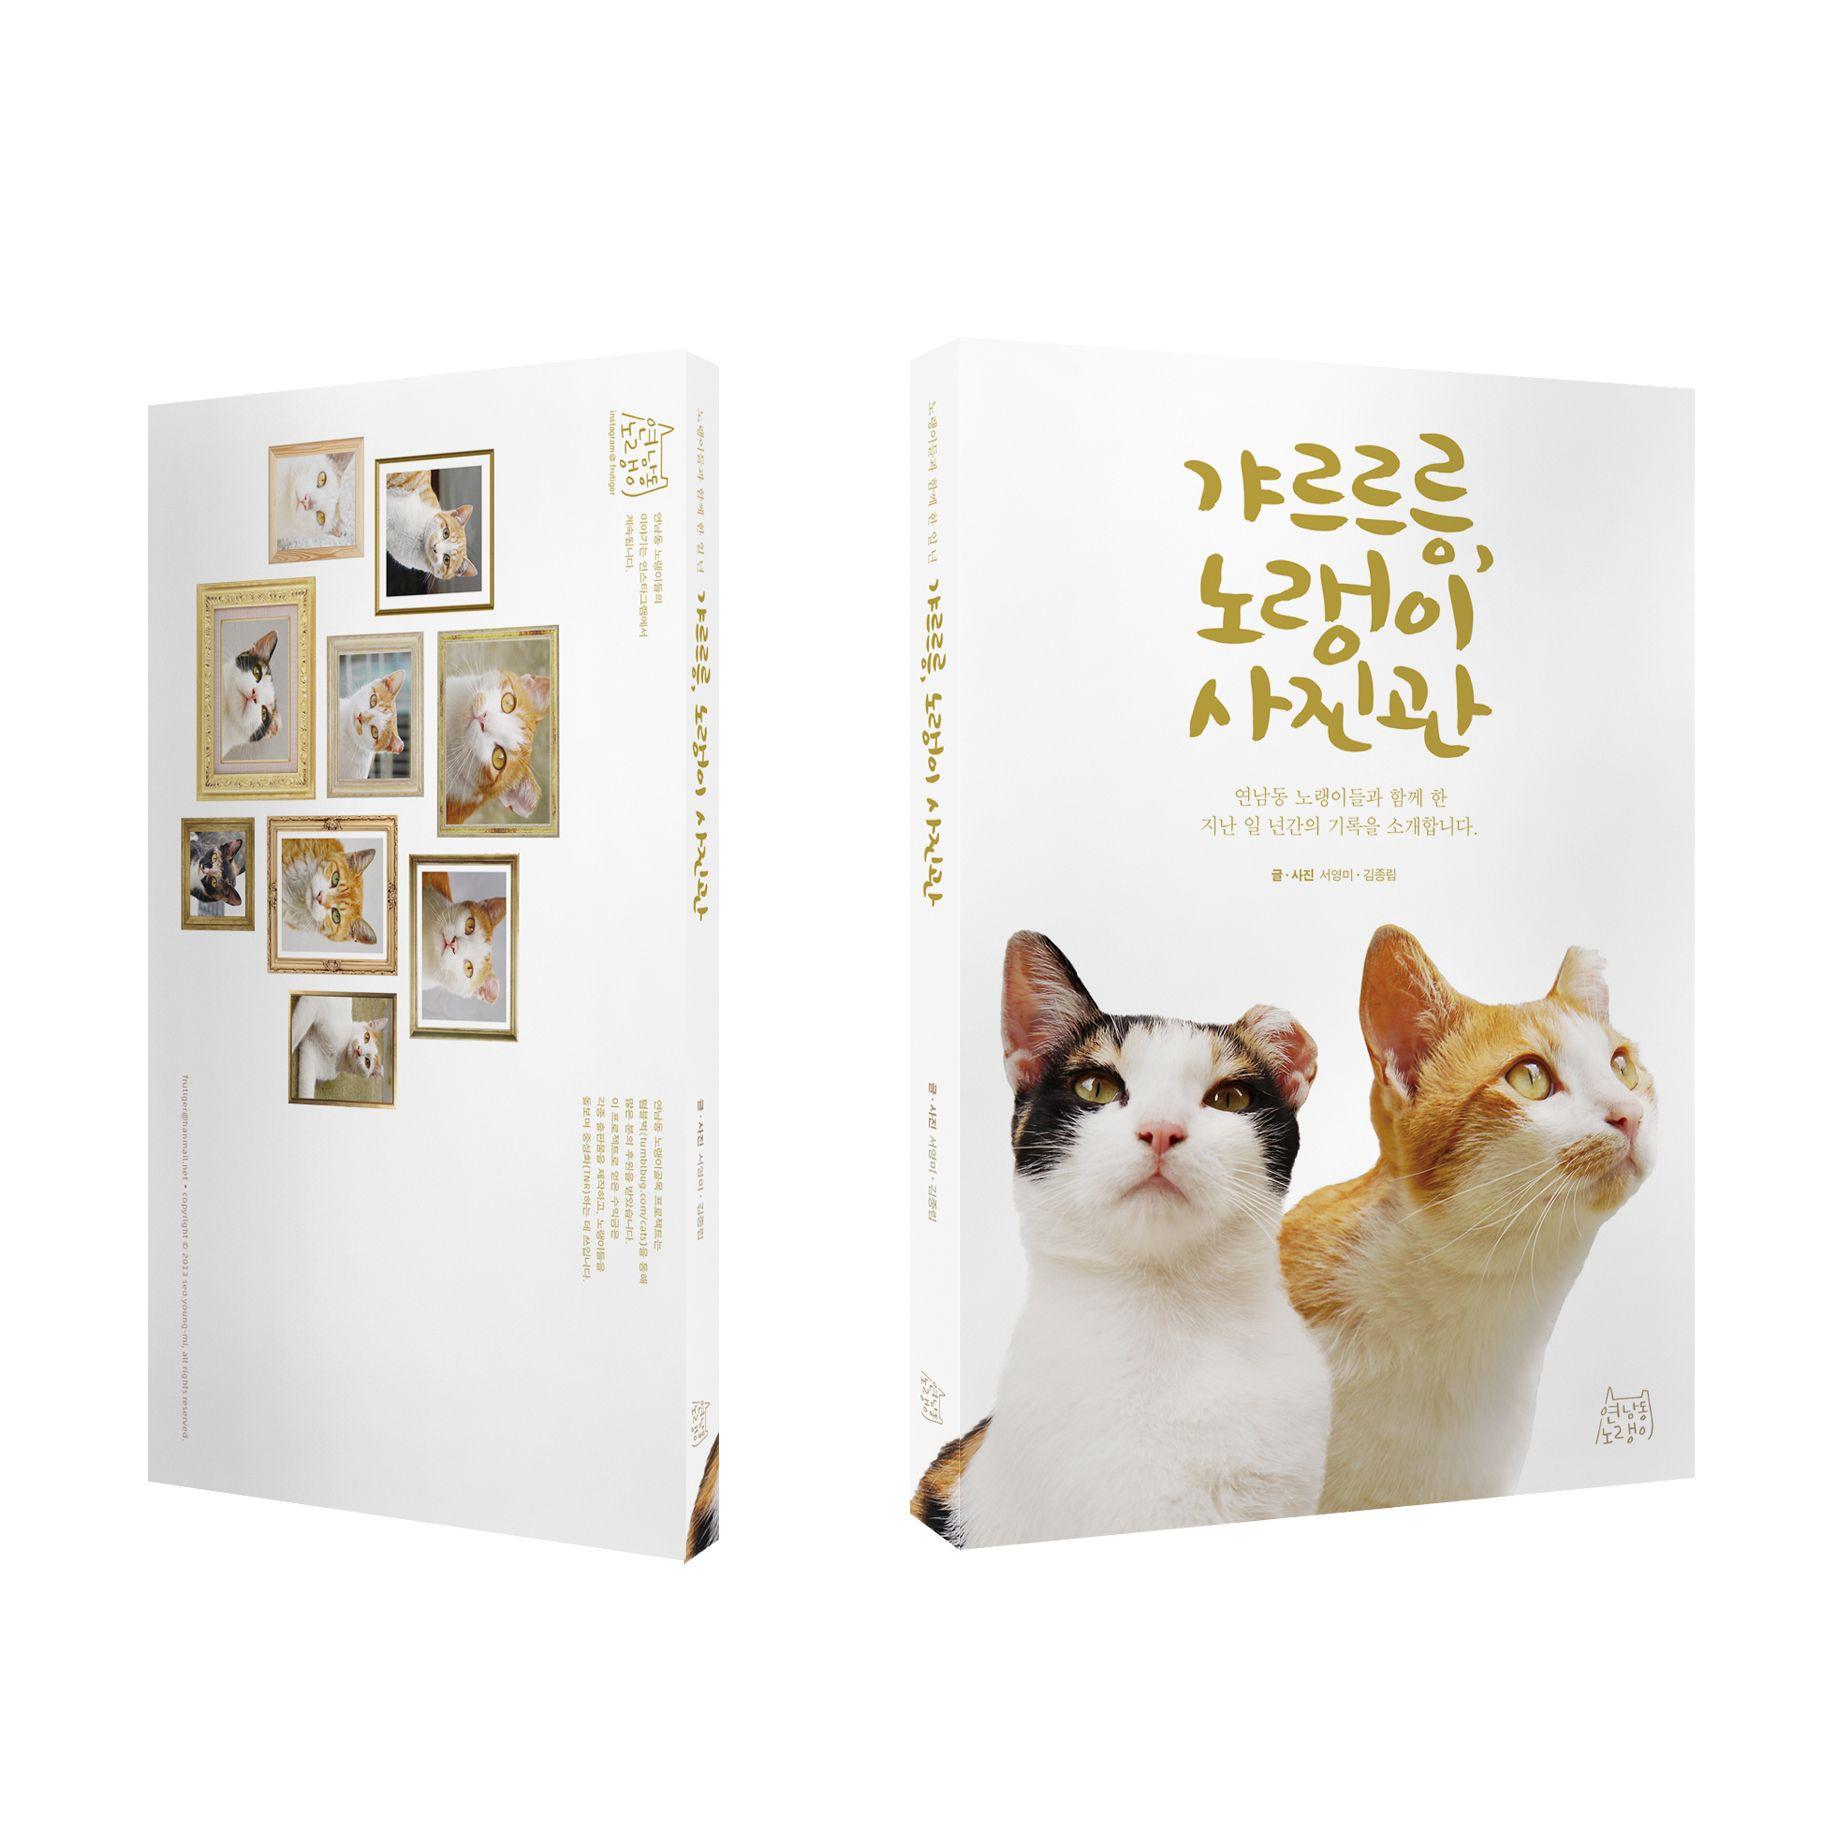 갸르르릉, 노랭이 사진관 book design